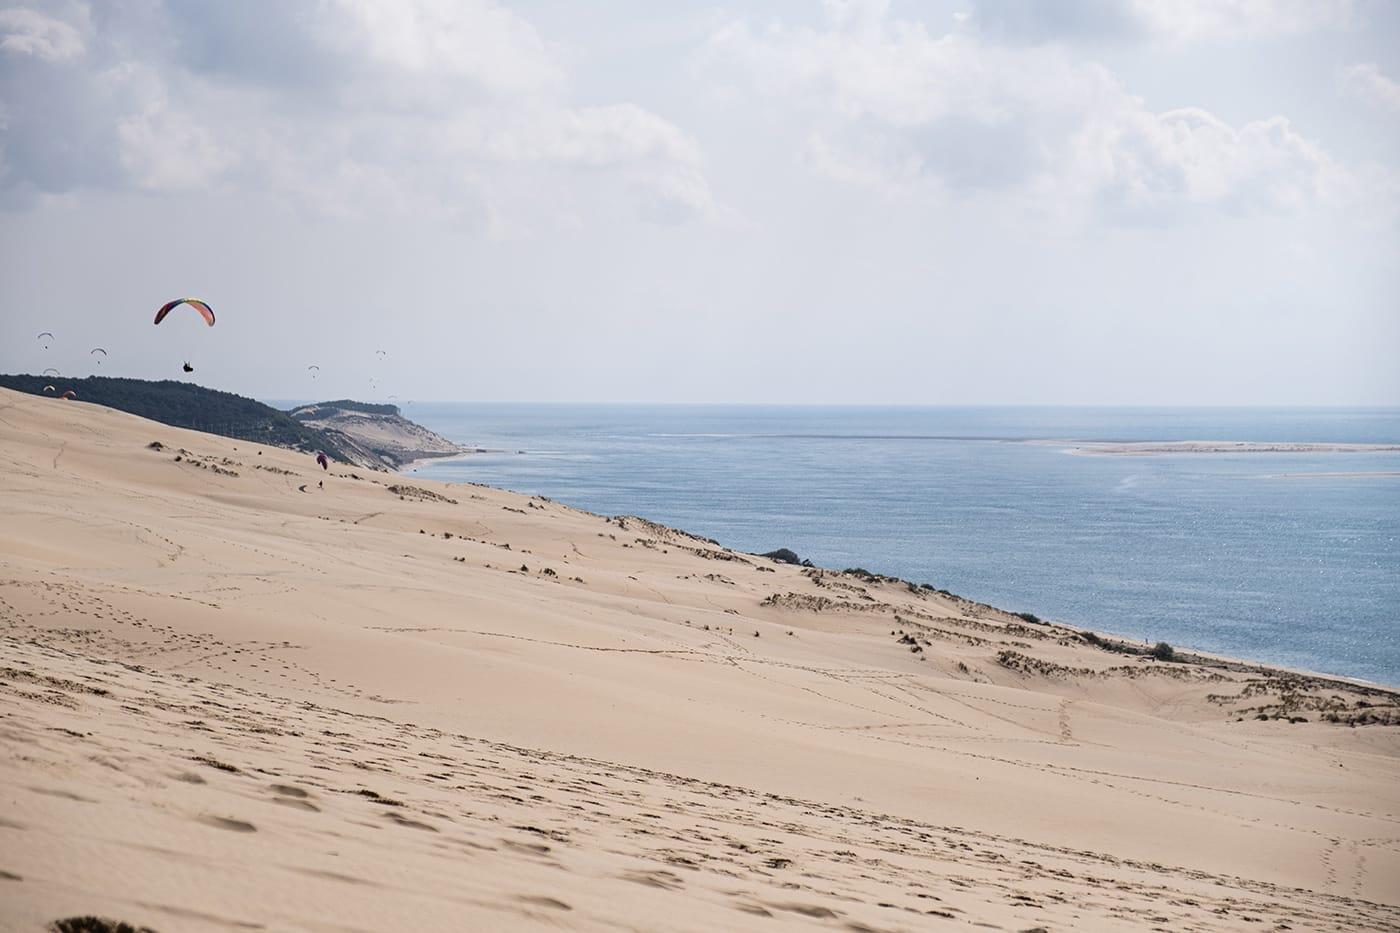 Sommet de la dune du Pilat au bassin d'Arcachon